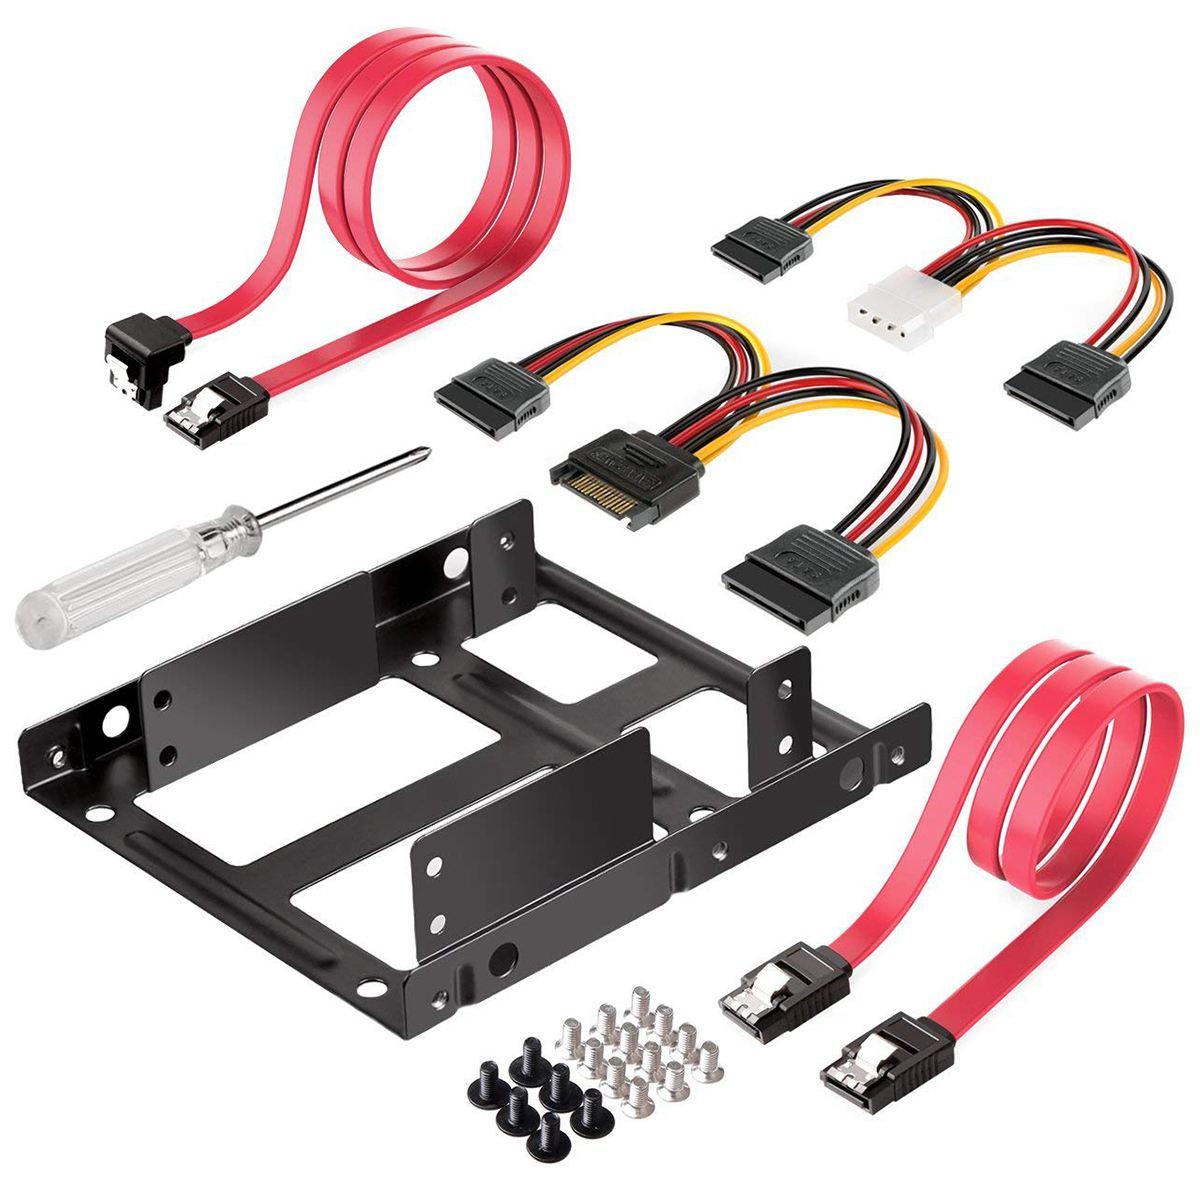 Монтажный комплект для внутреннего жесткого диска, 2x2,5 дюйма SSD на 3,5 дюйма (Кабели SATA для передачи данных и кабели питания в комплекте)